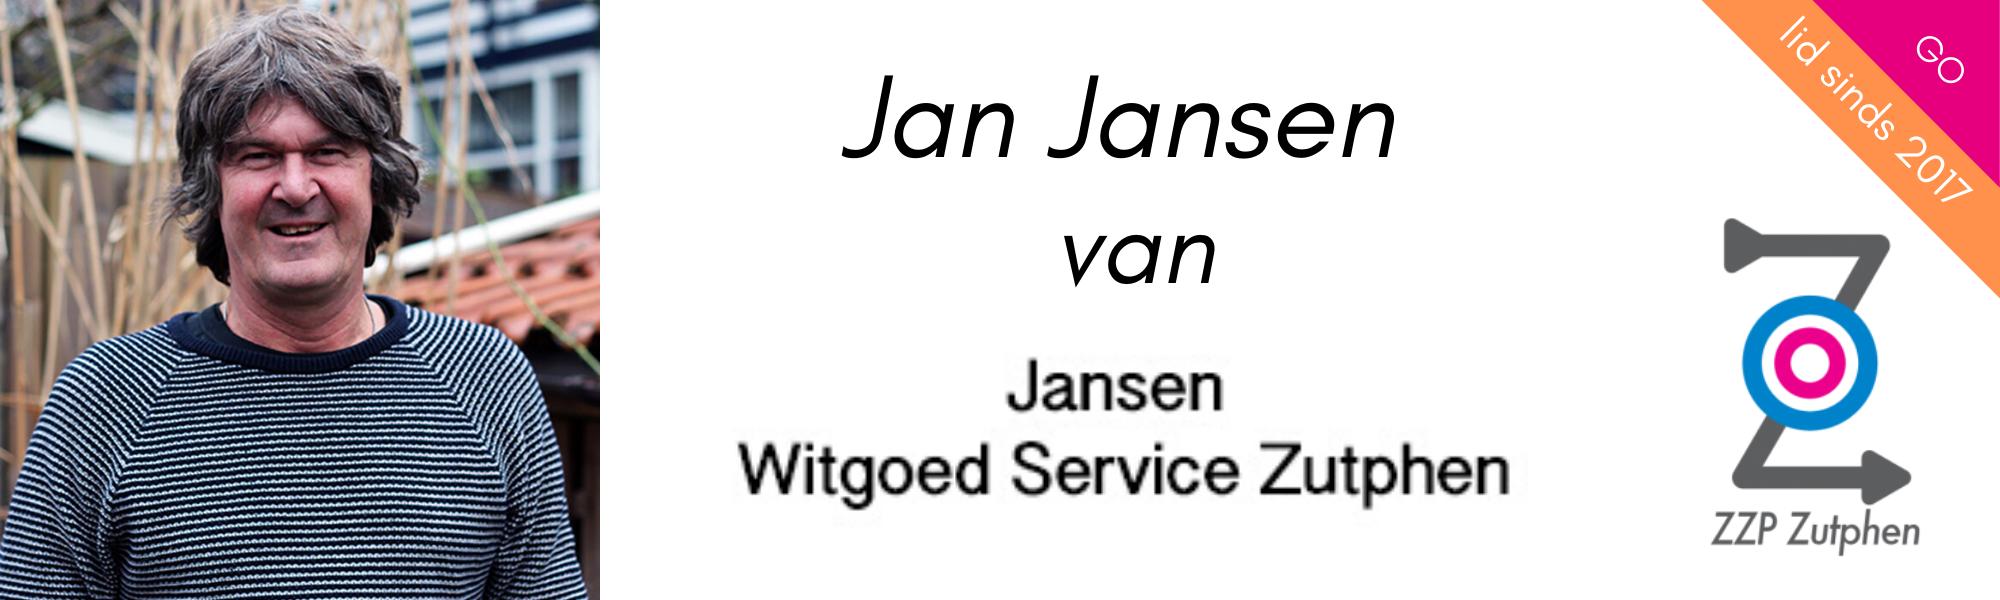 Witgoed reparatie Zutphen